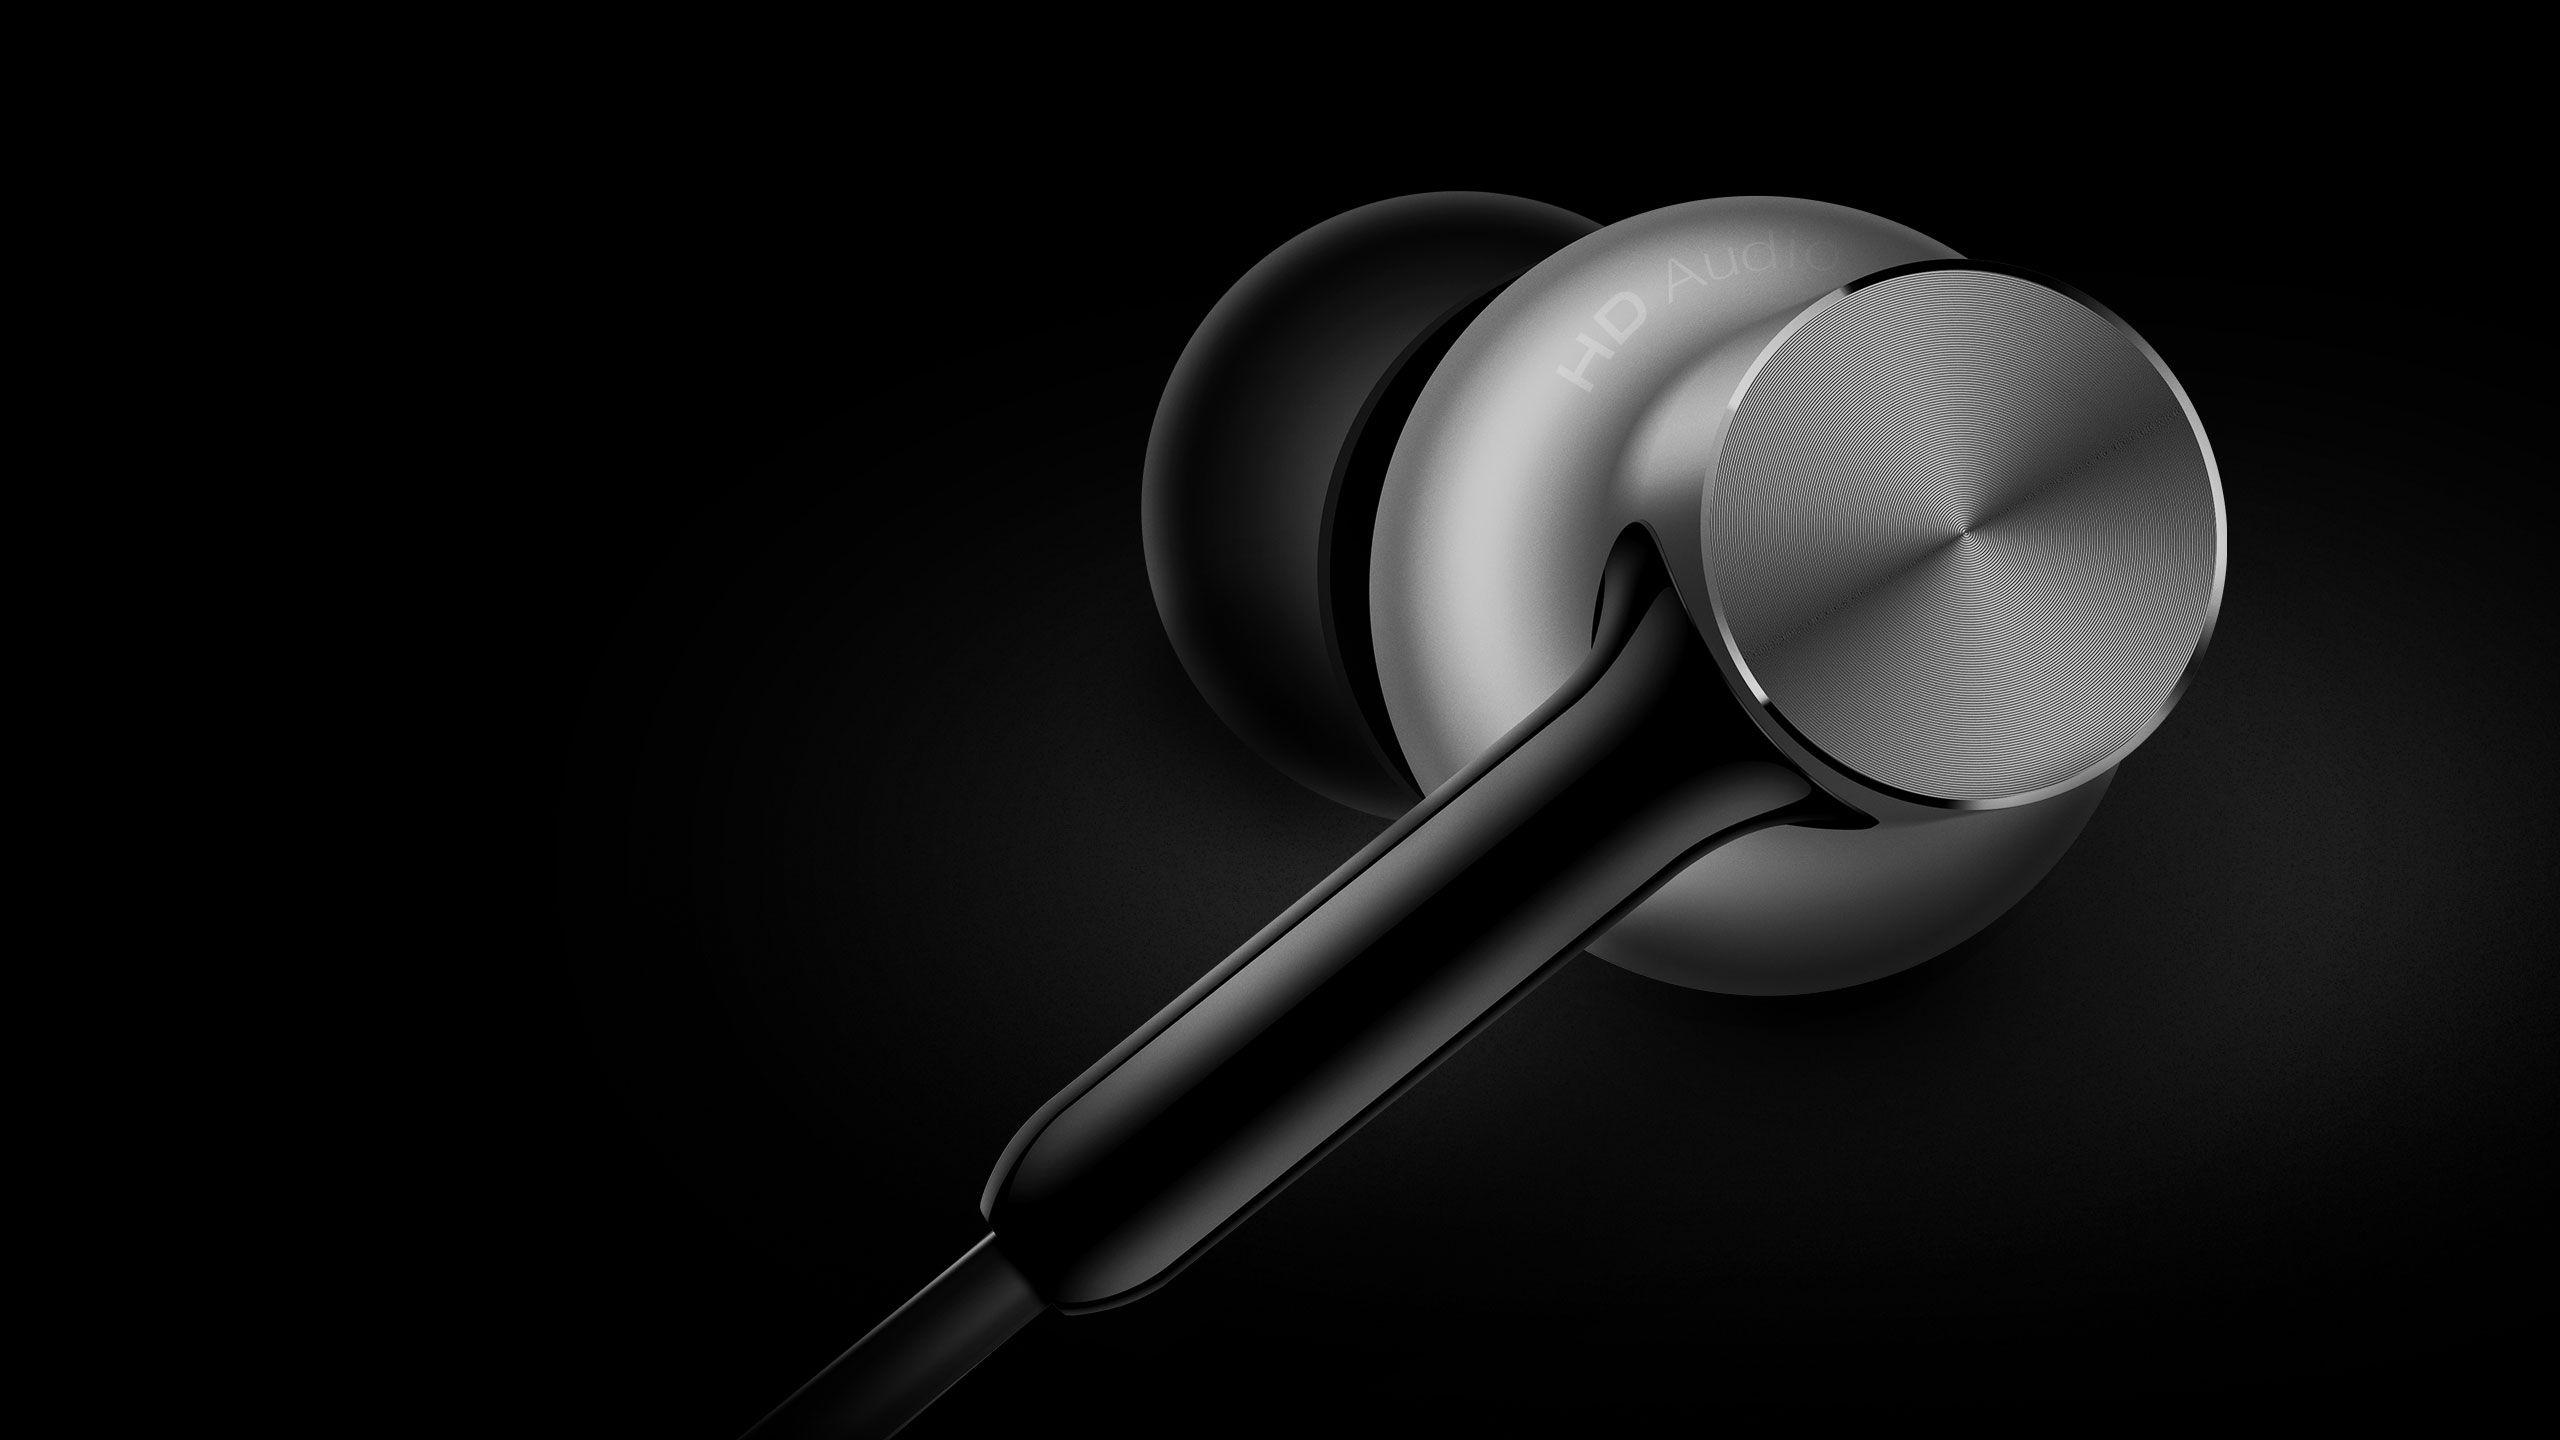 MI EARPHONE QTEJ02JY Ear Headset with Mic BLACK SILVER GOLD